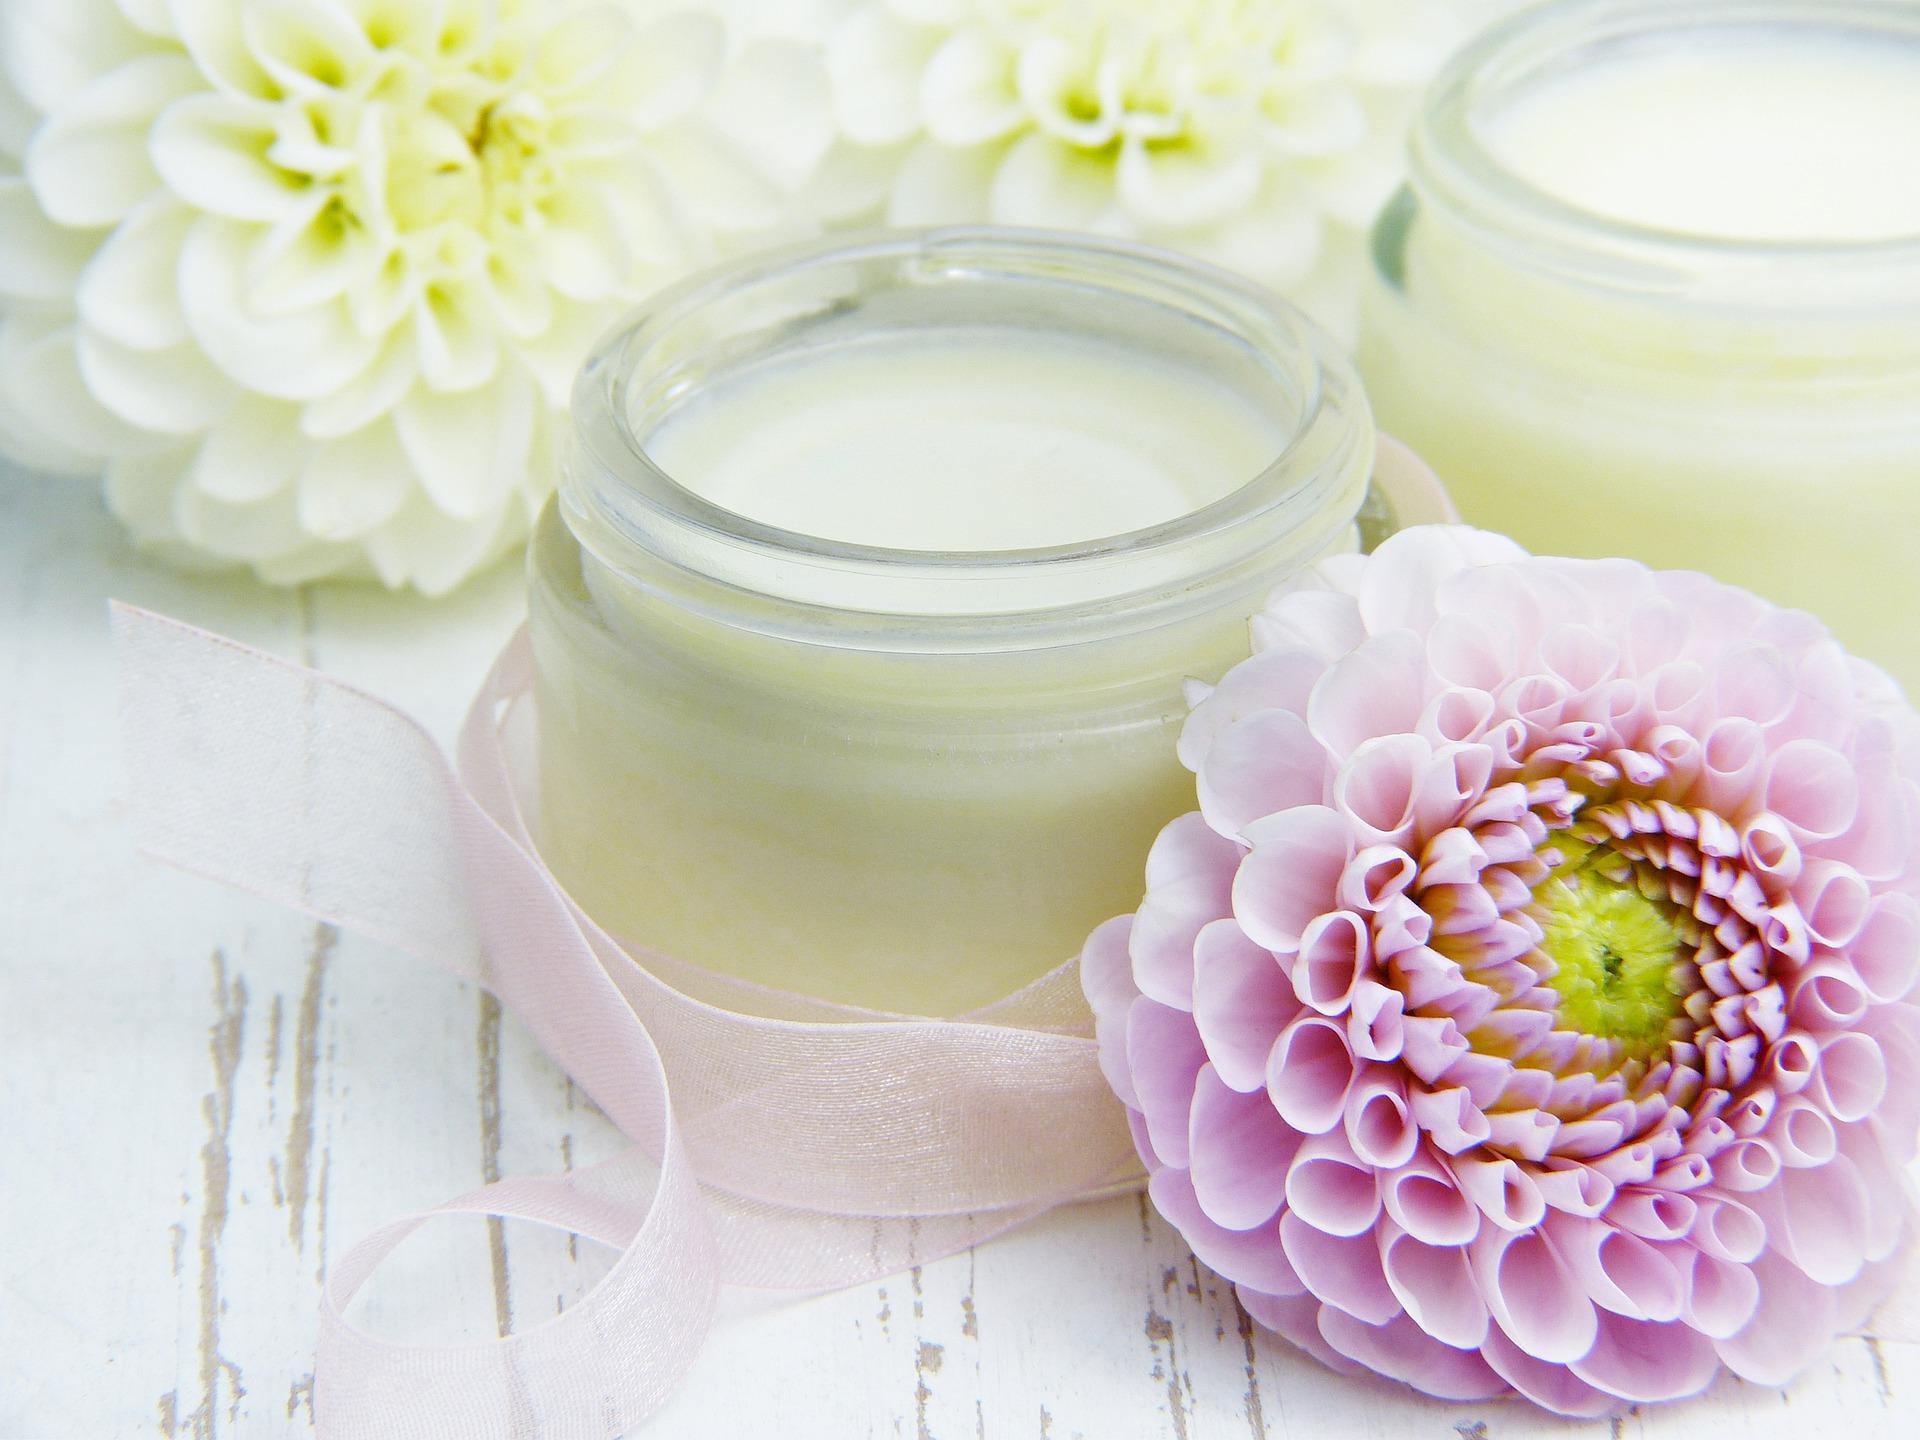 La pelle cambia! - Anche la crema migliore andrà cambiata periodicamente in base alle variazioni ormonali e fisiologiche di ogni donna.